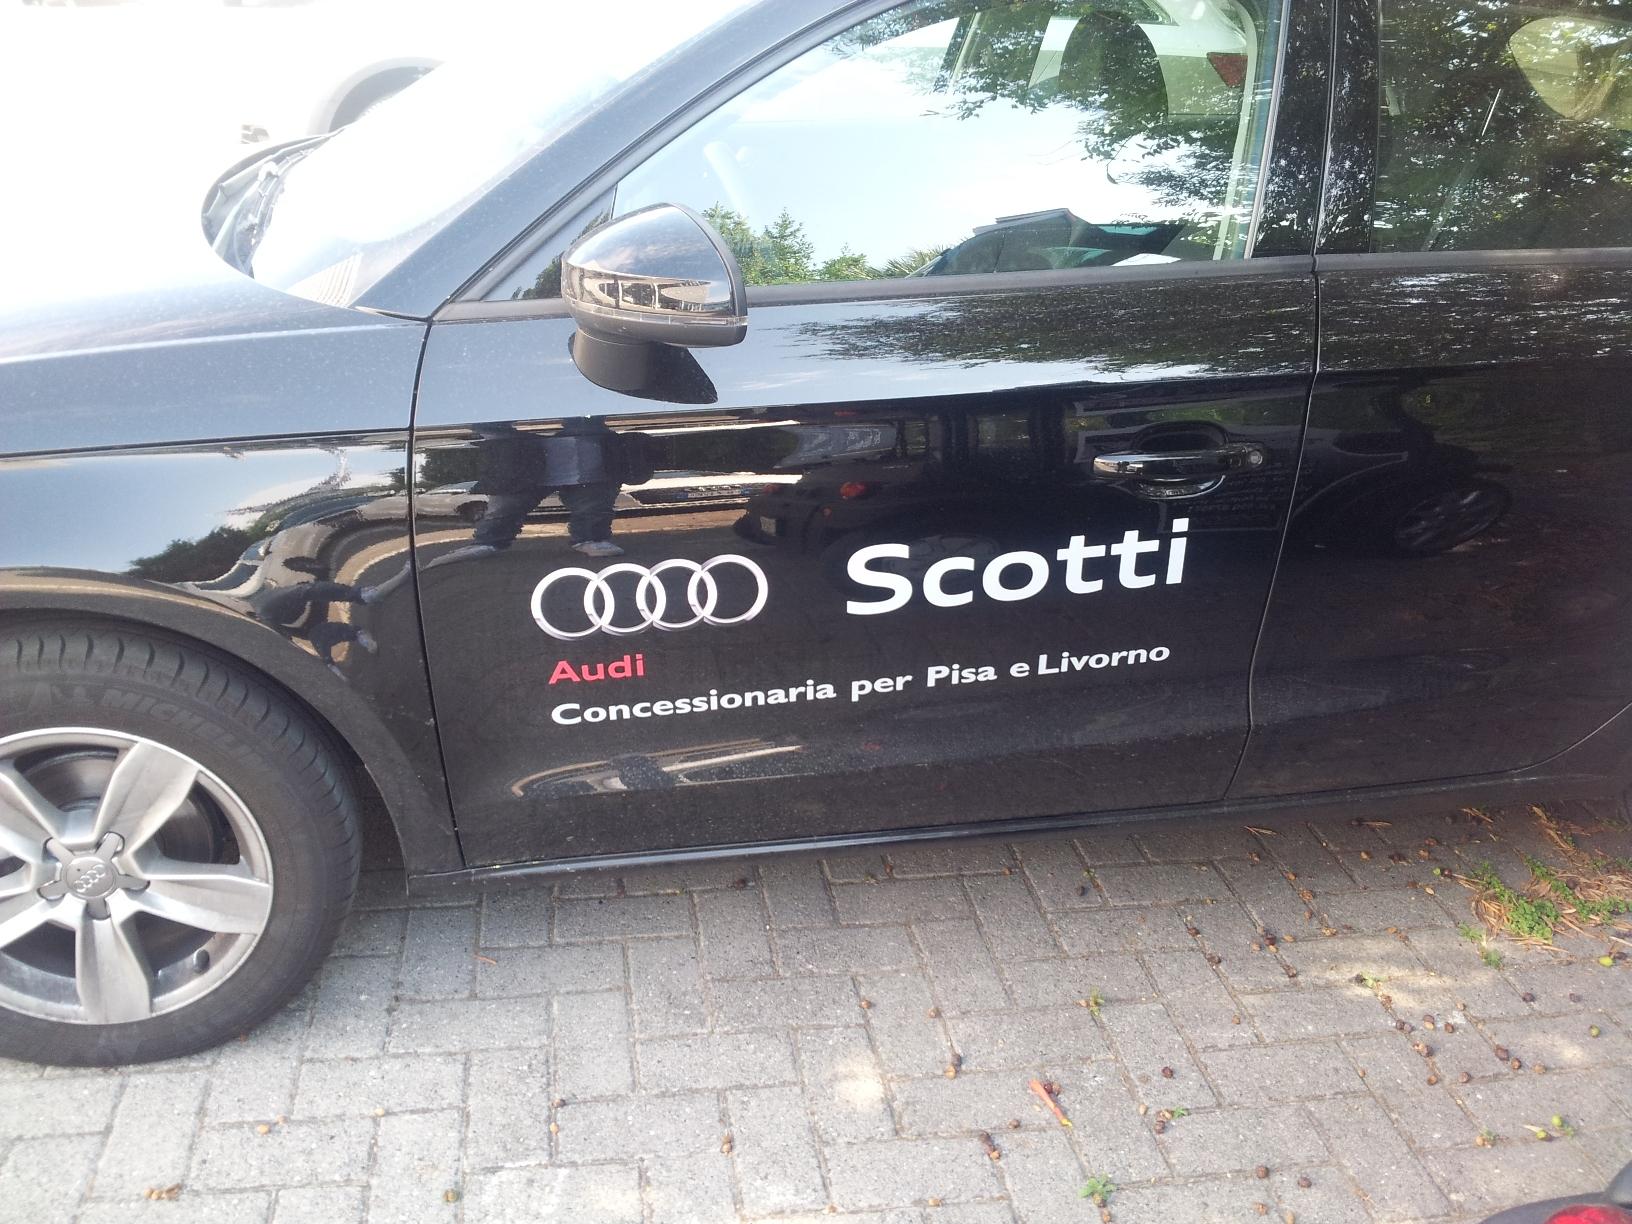 personalizzazione auto, personalizzazione mezzi aziendali, adesivi auto Pisa Lucca Livorno, wrapping Pisa Lucca livorno